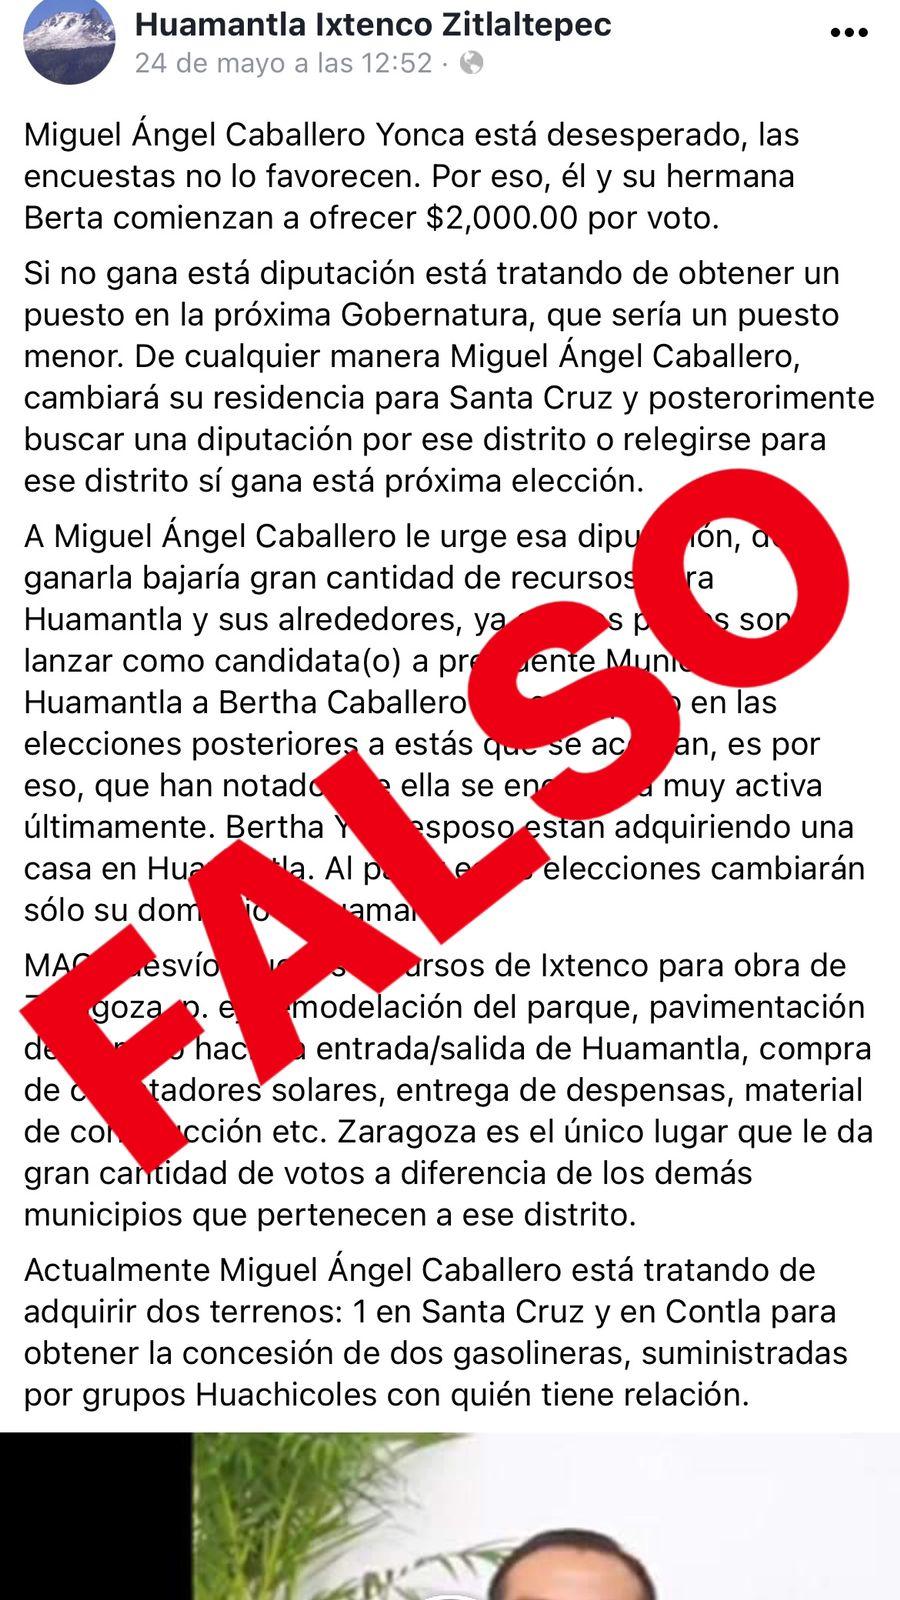 Desmienten compra de votos, Caballero Yonca pugna por la legalidad de la elección